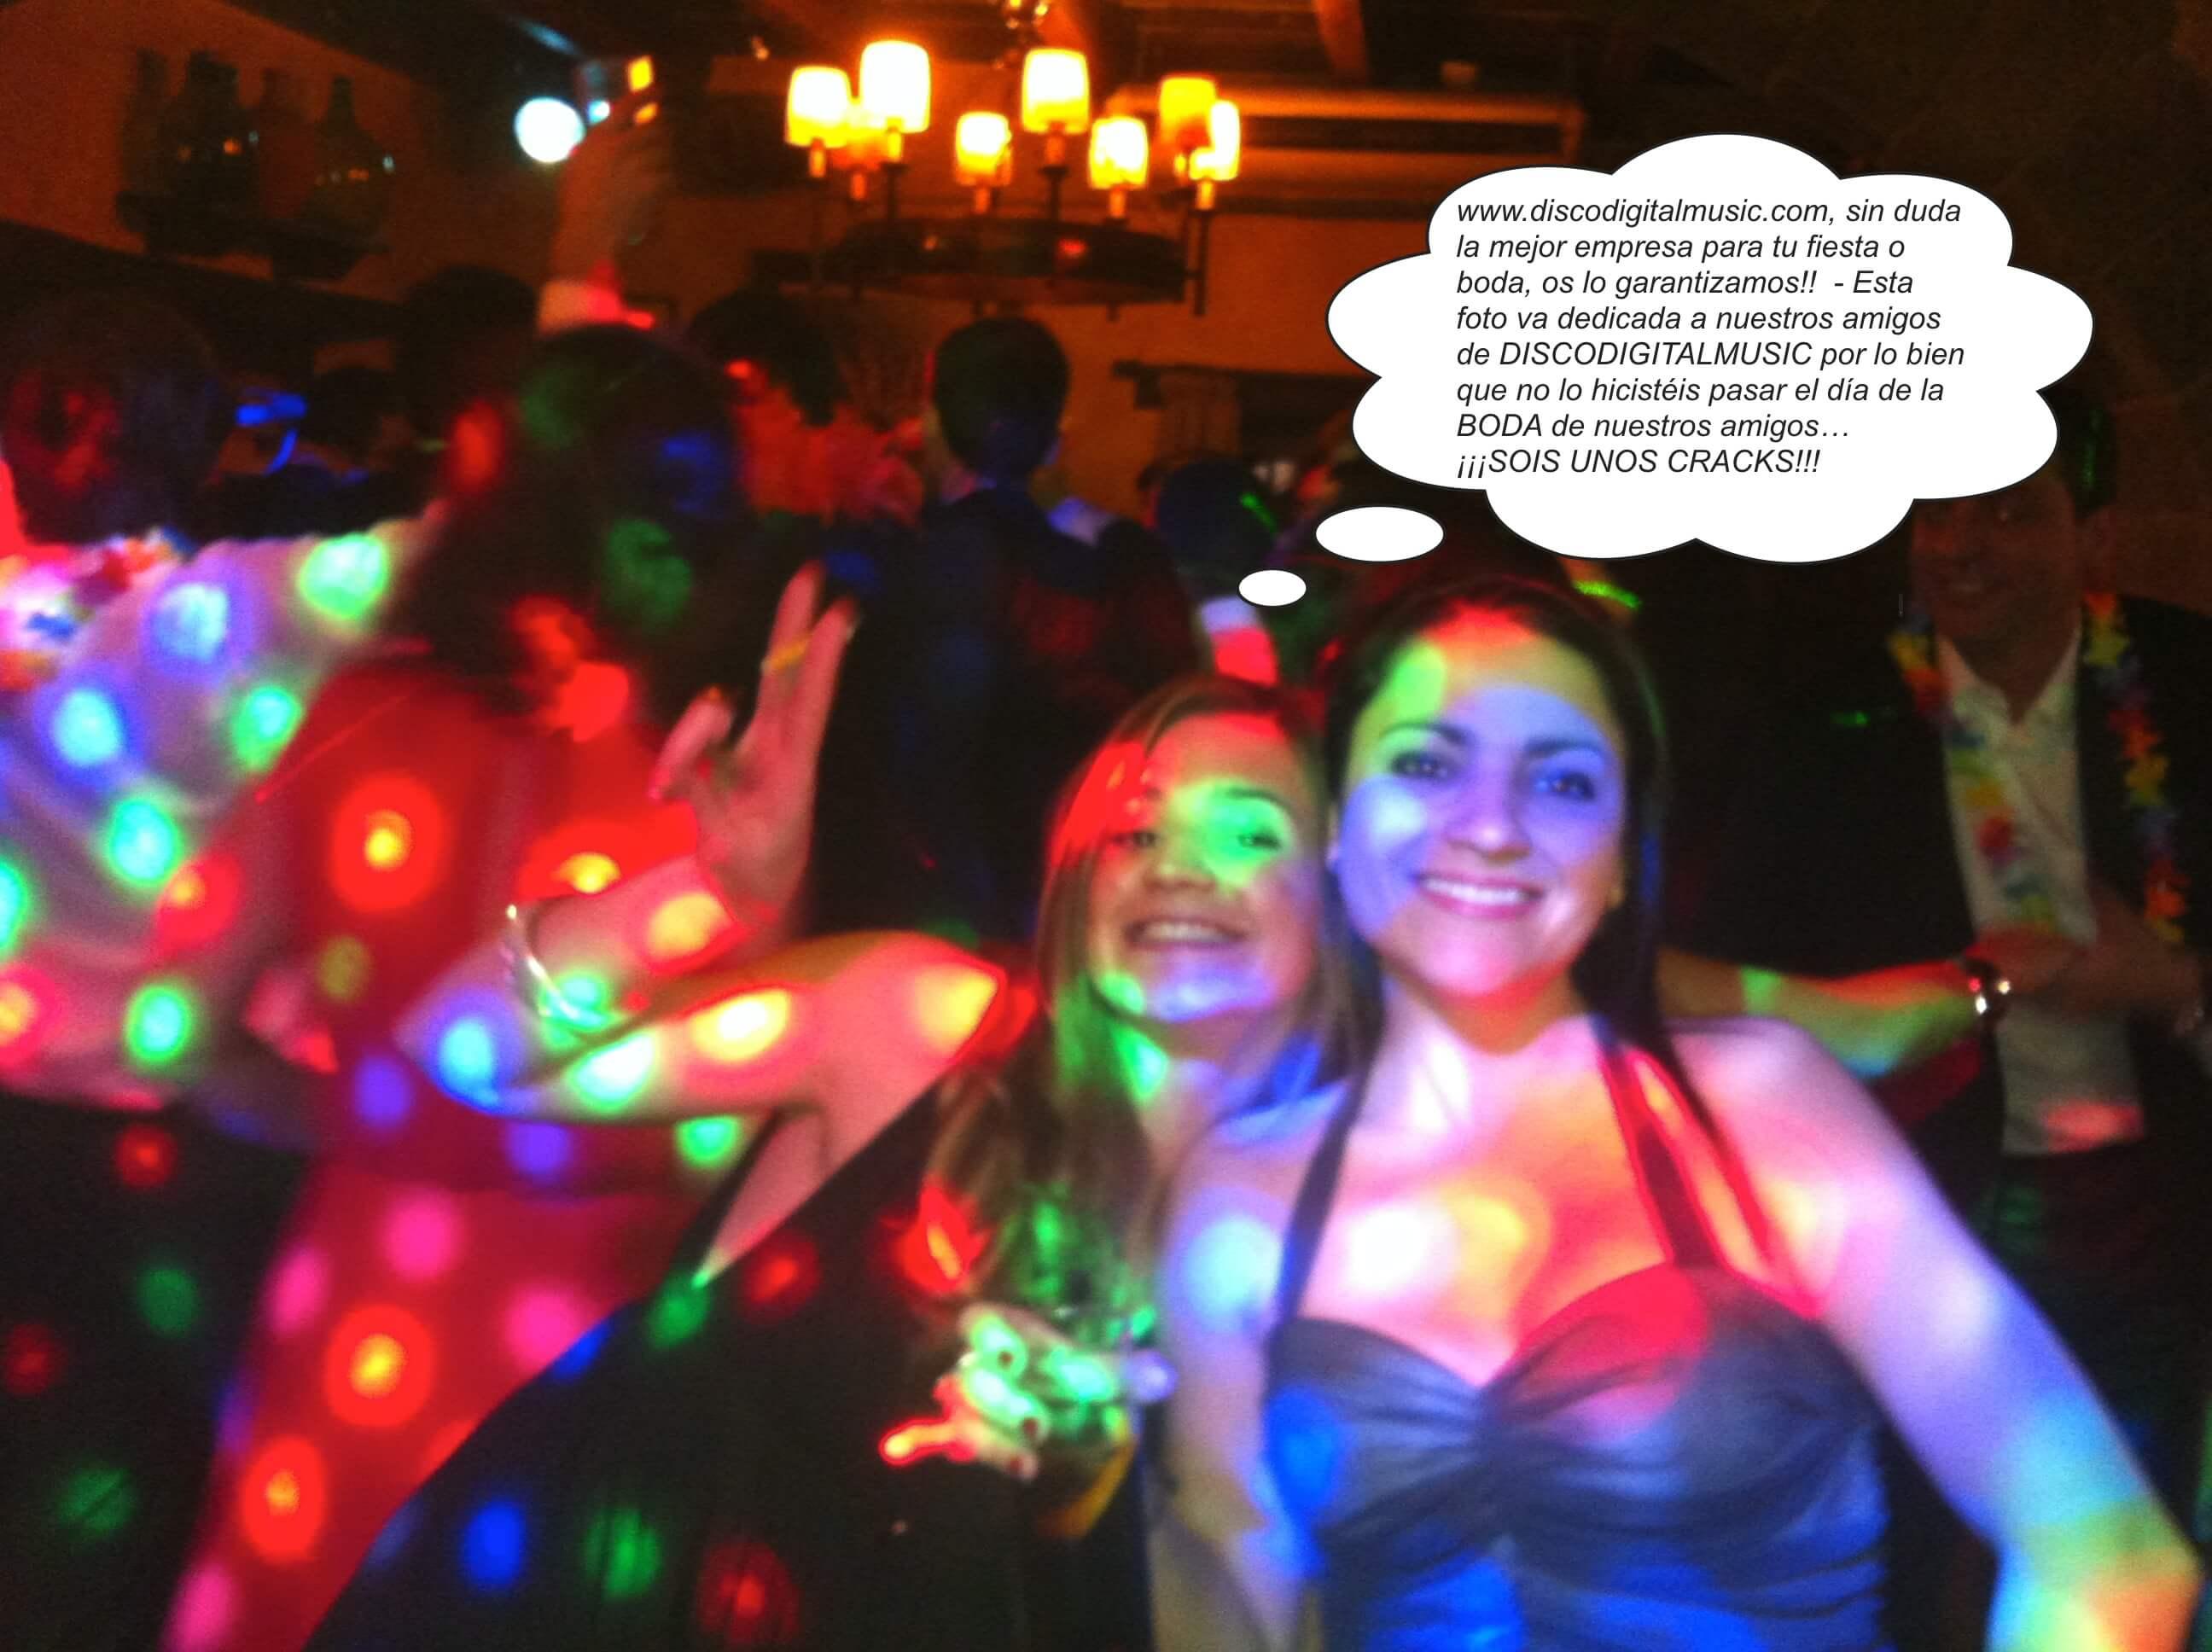 Si tu boda quieres que sea única contrata la mejor empresa de djs para tu fiesta www.discodigitalmusic.com